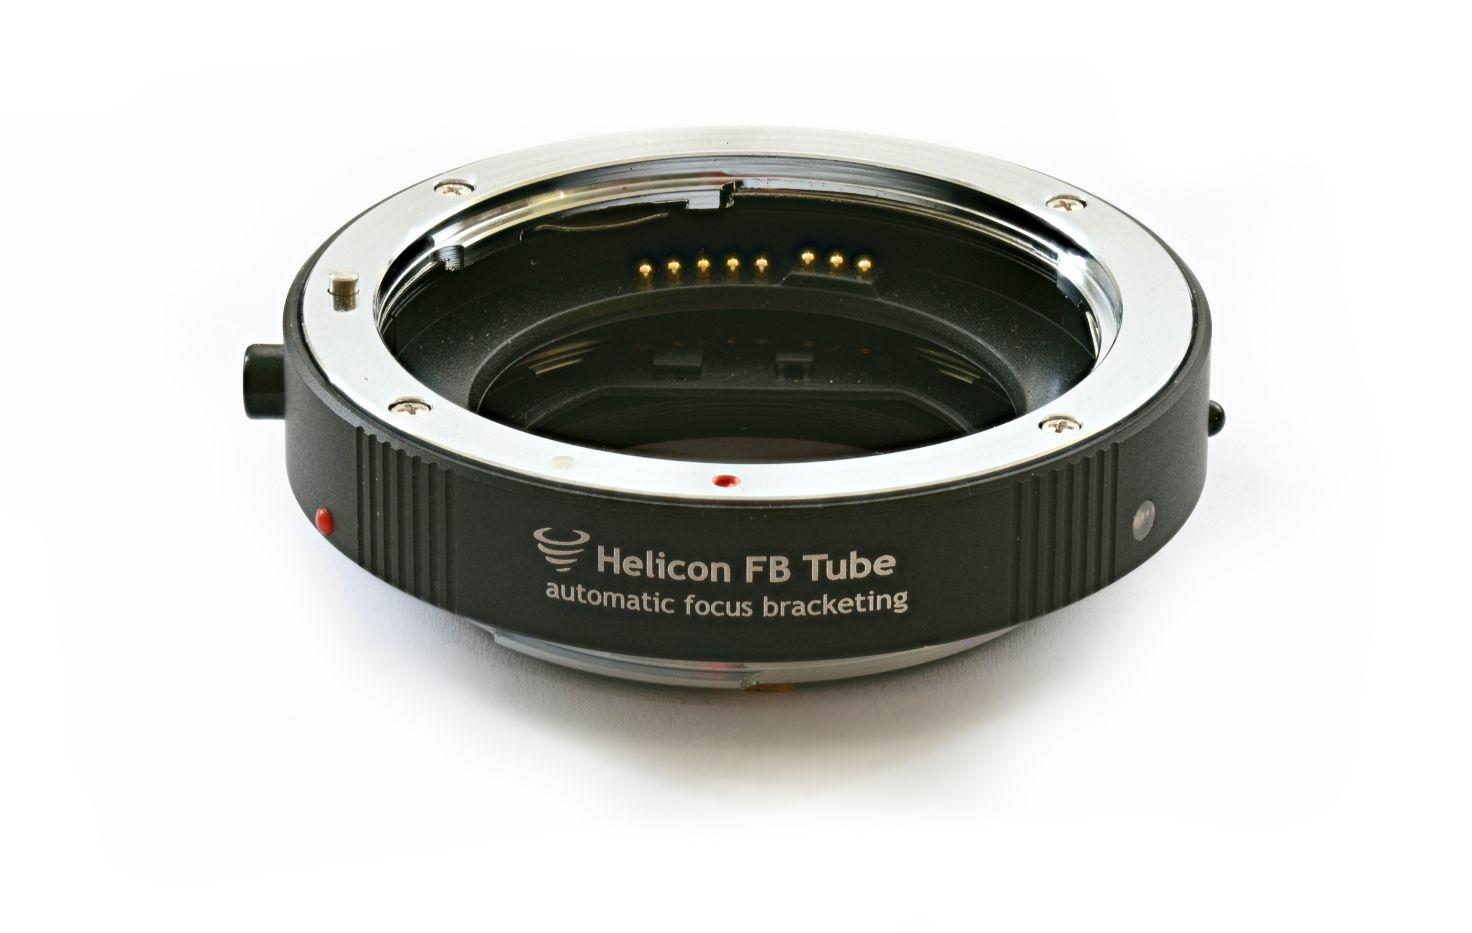 Helicon FB Tube, neues Macro Zubehör.